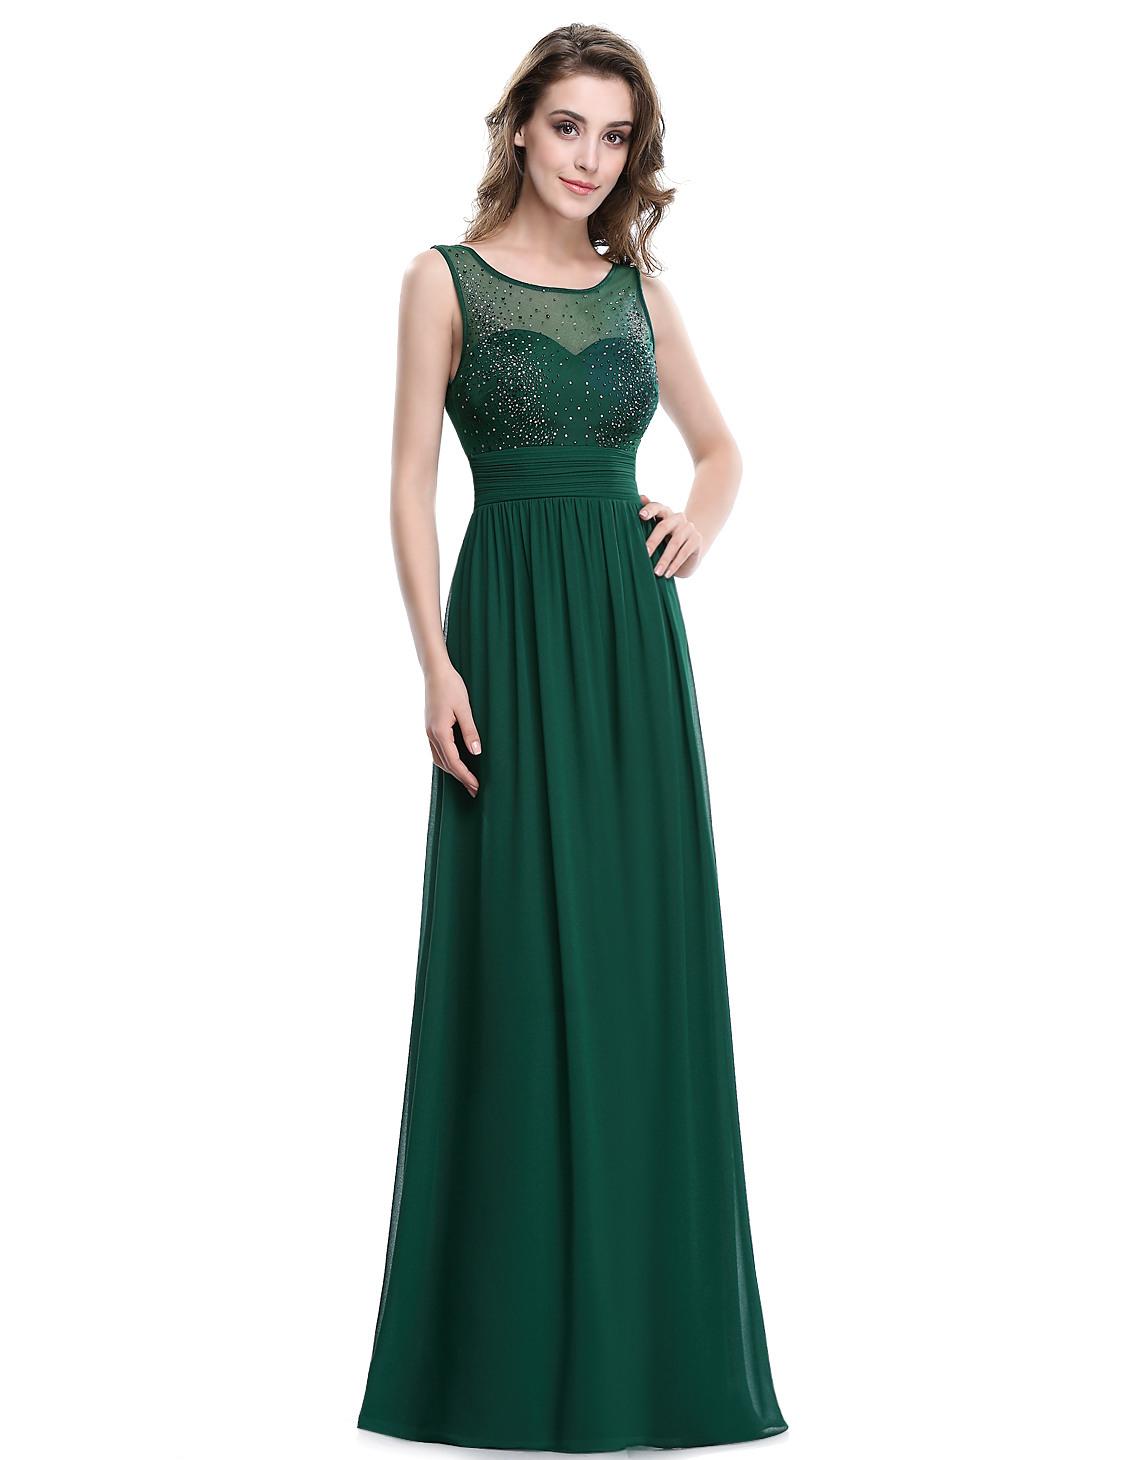 Abend Spektakulär Abendkleider Grün Bester PreisDesigner Großartig Abendkleider Grün für 2019